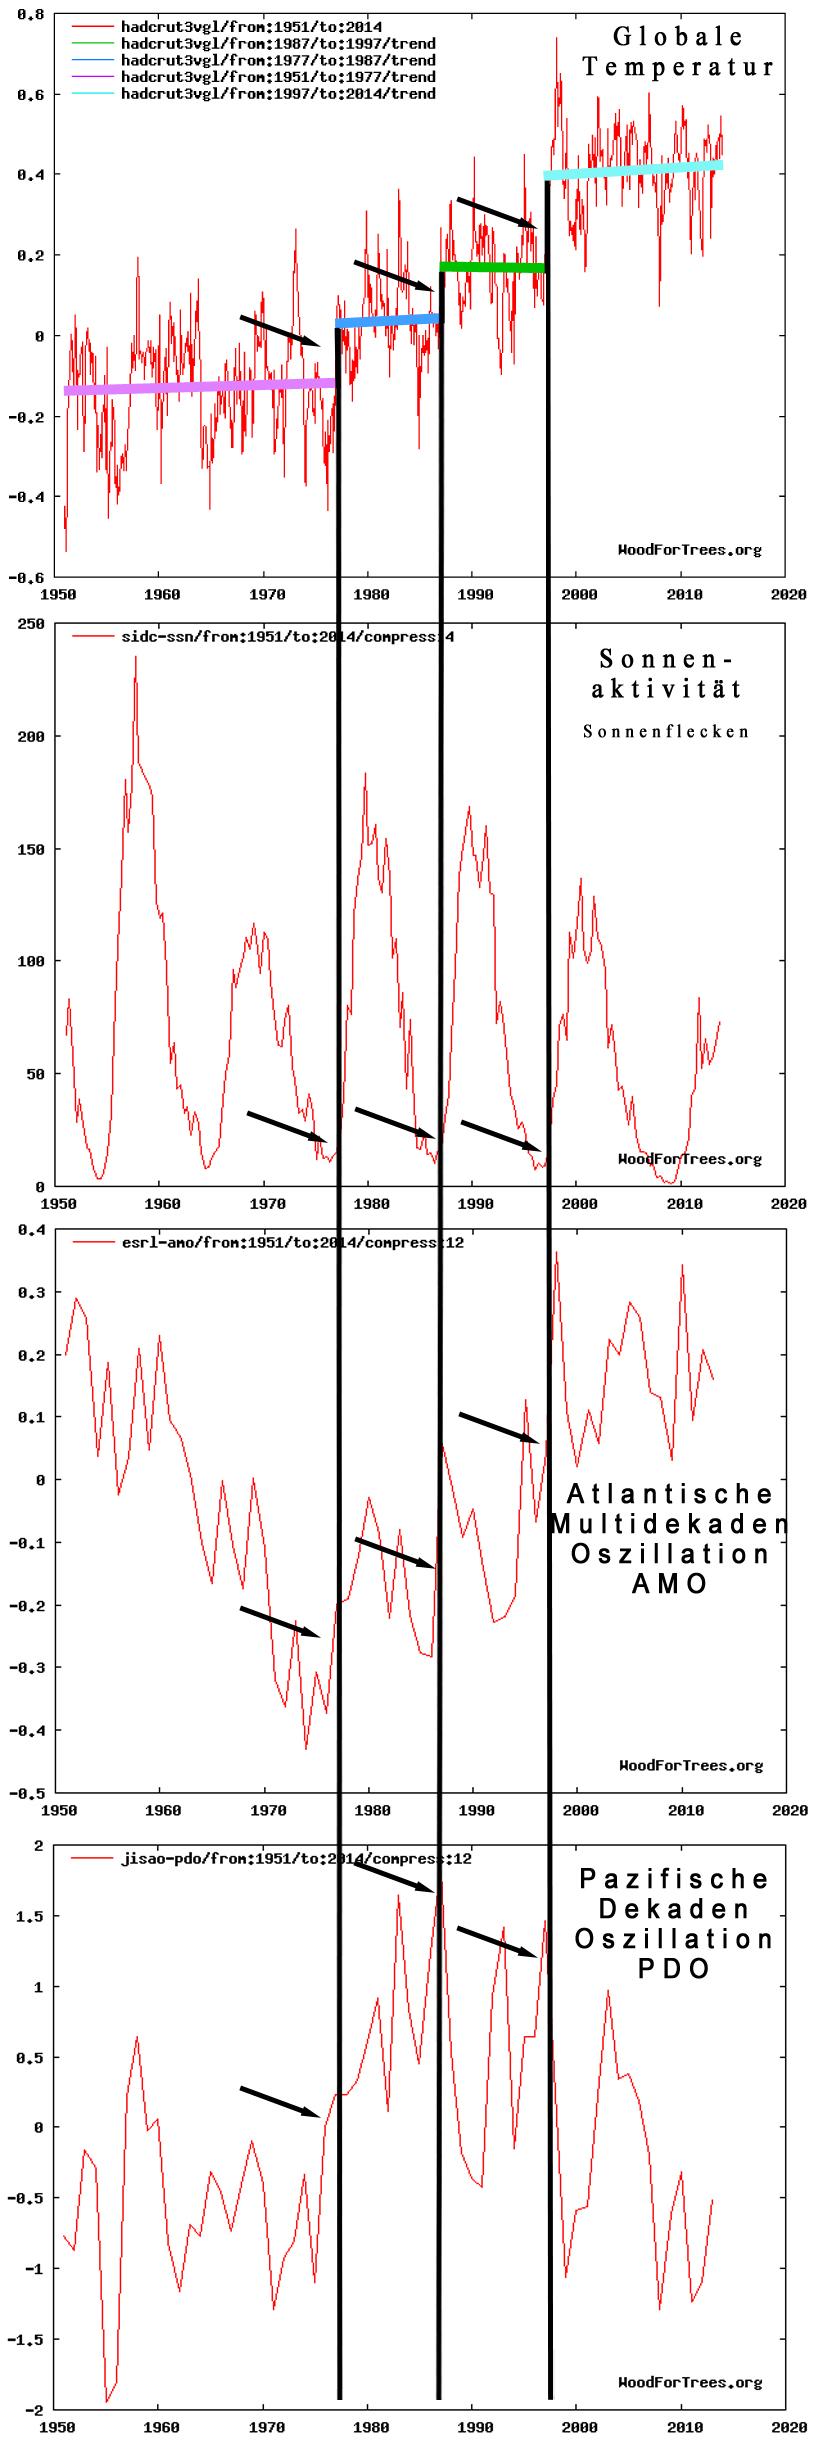 2017.04.29_hadcrut_drei_Treppenstufen_Wood_for_Trees_ Interactive_Graphs_Korrelationen1_1_1_1